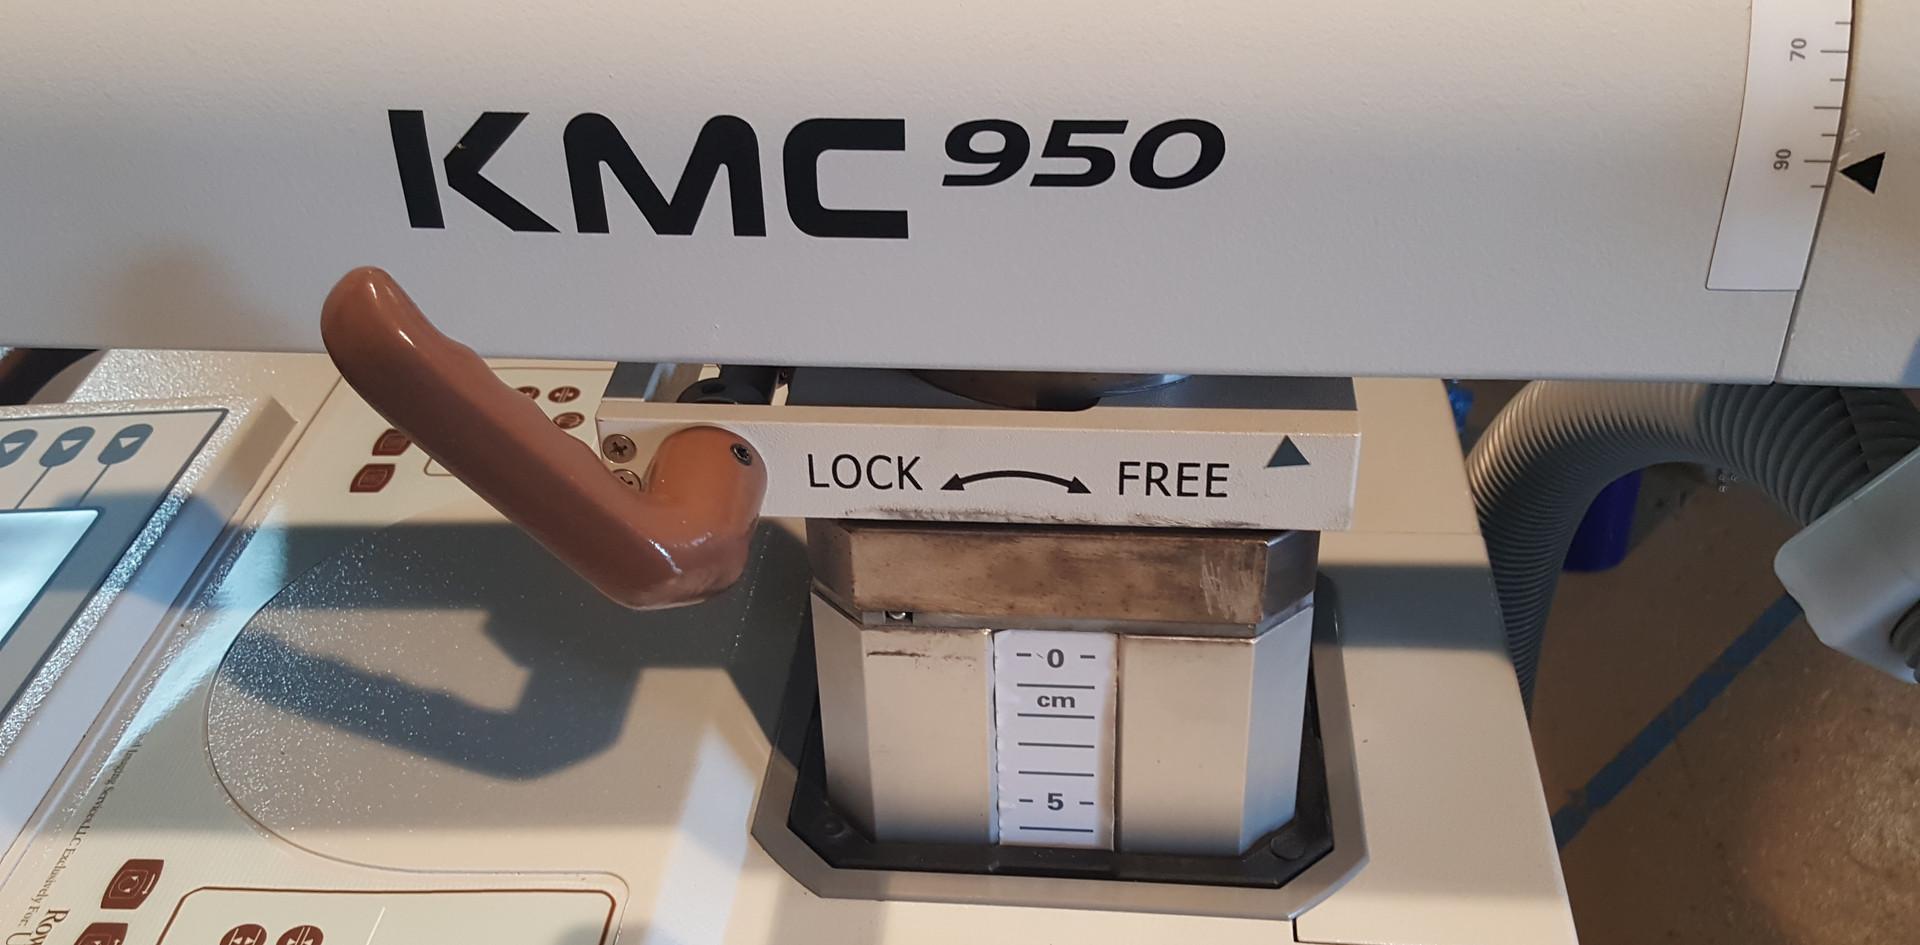 KMC 950